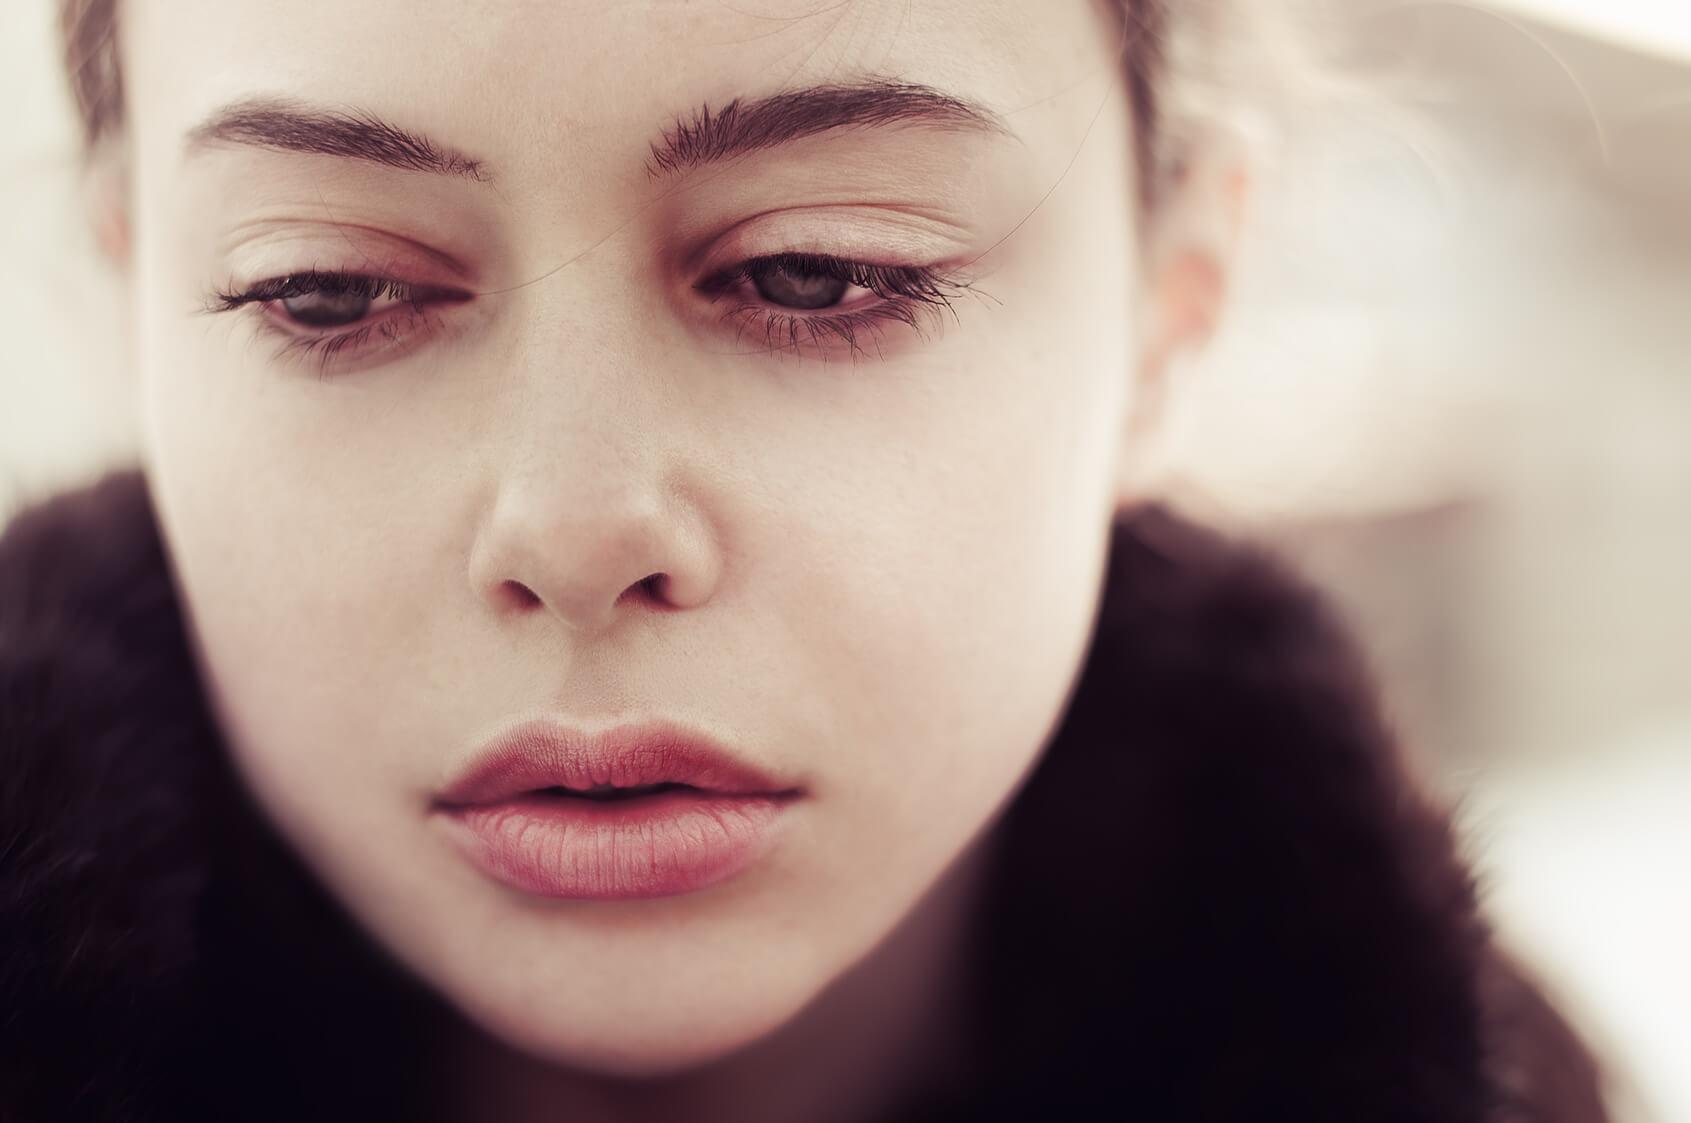 Mujer con mirada triste